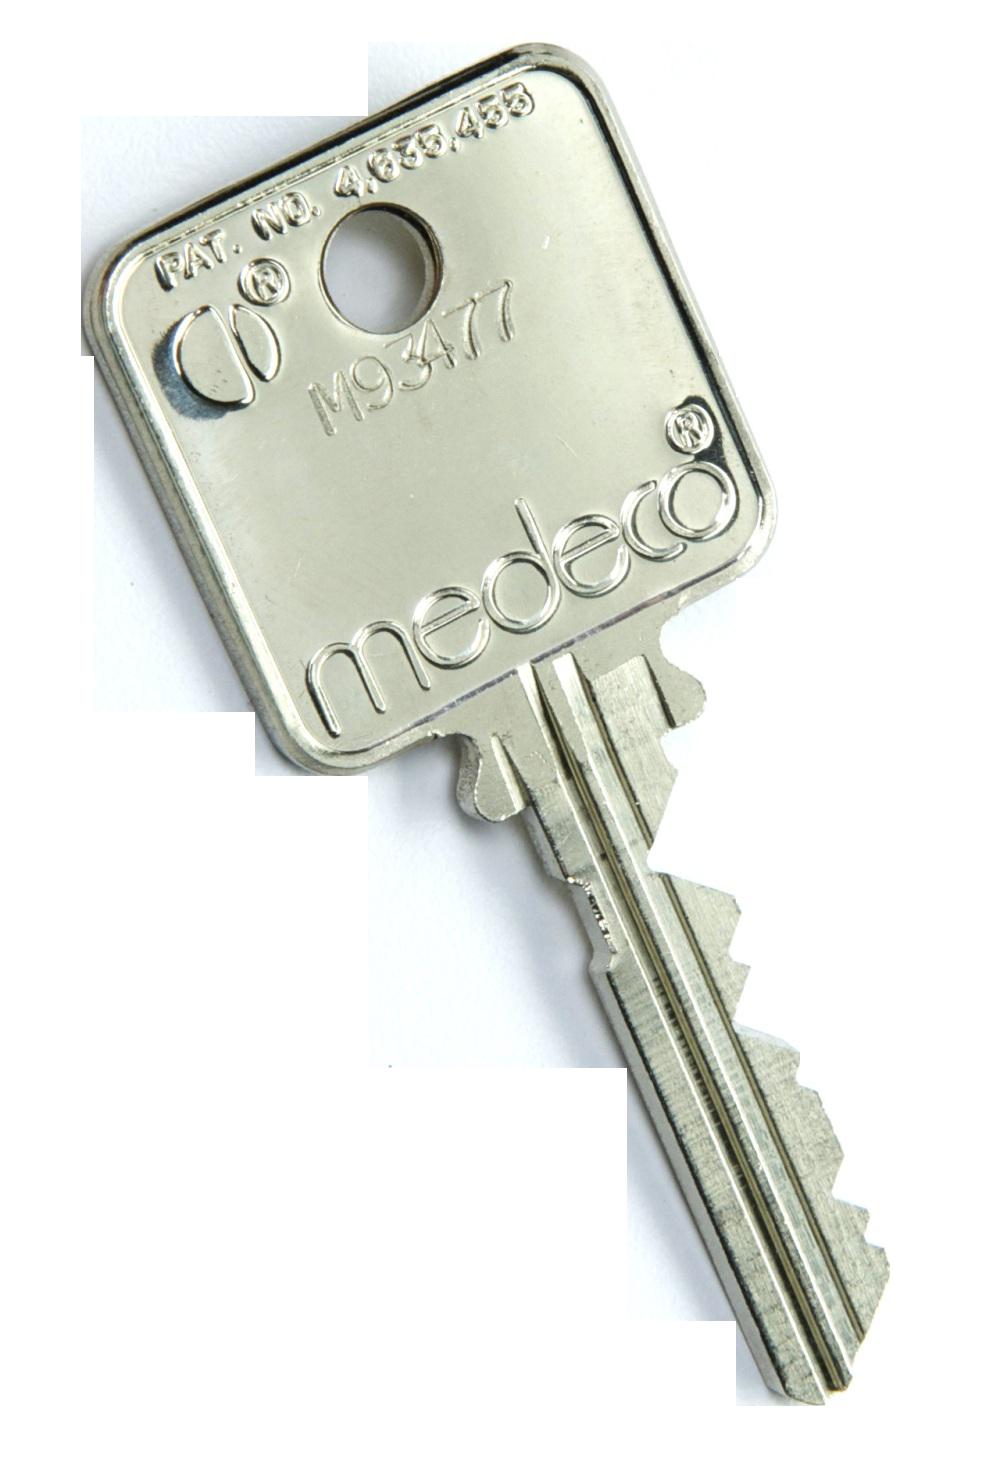 HSEC Medeco Key Back